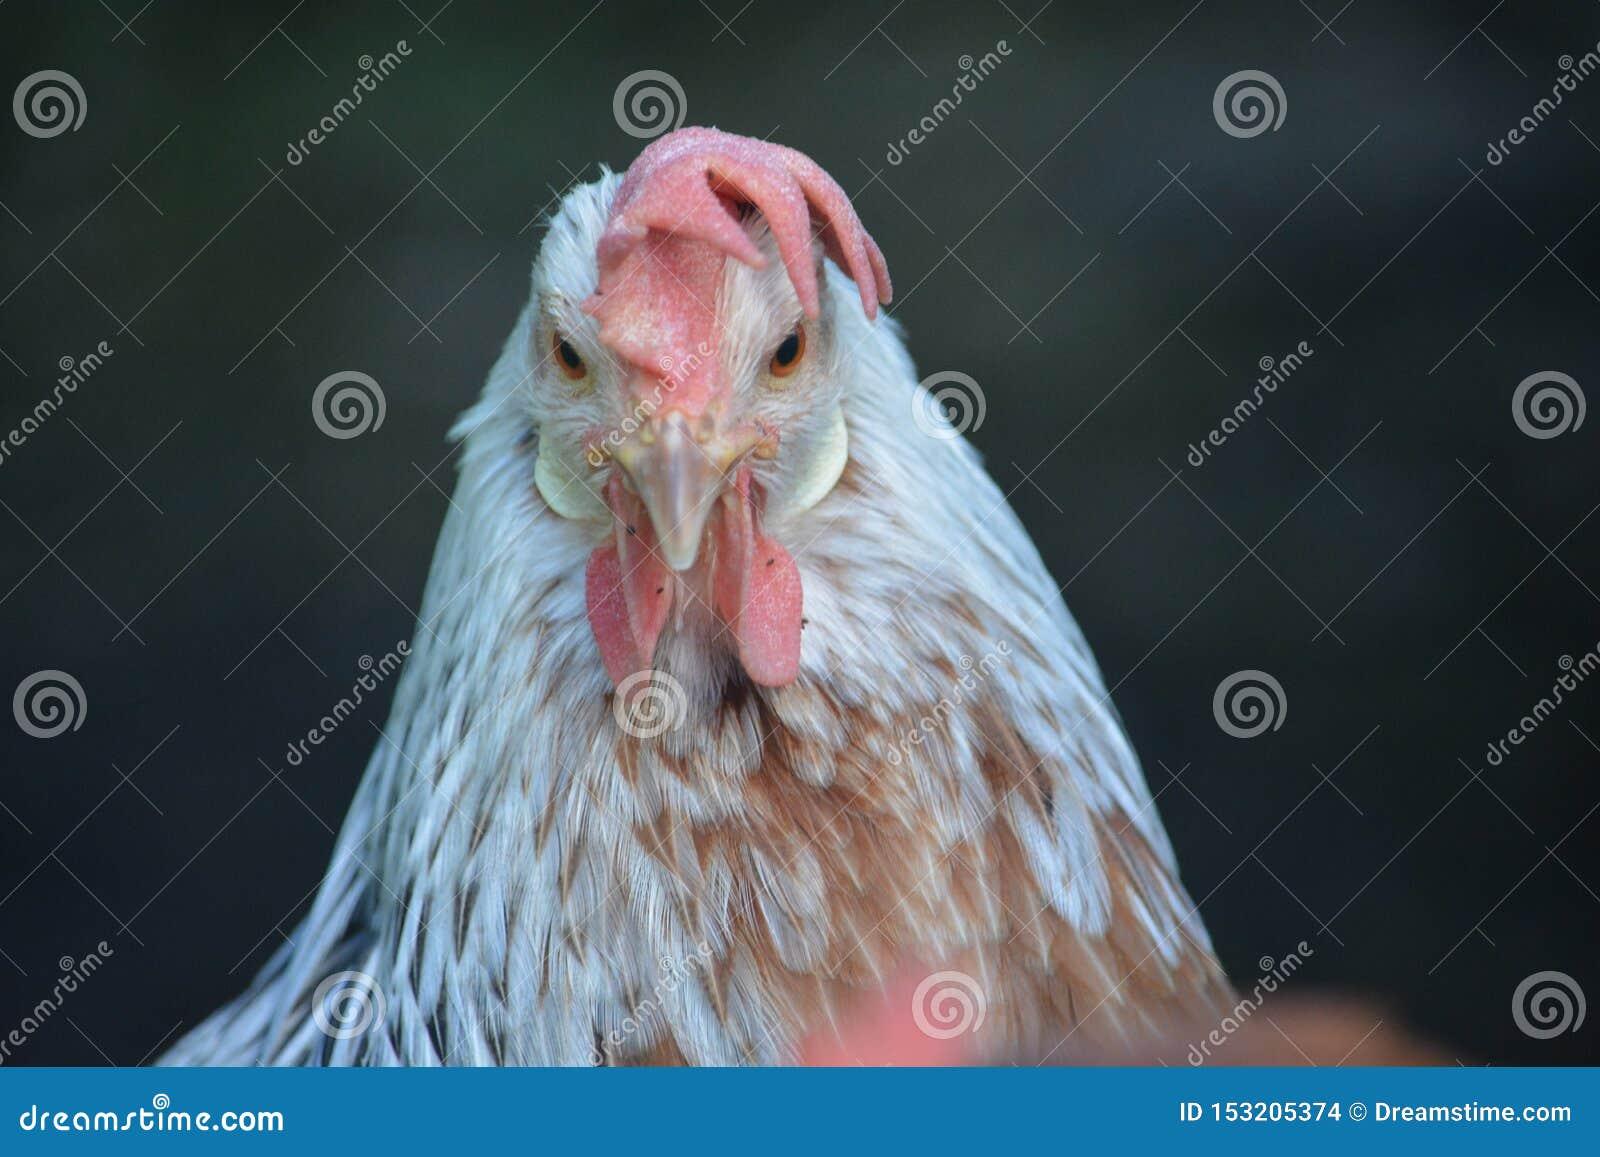 Ένα πρόσωπο στην άποψη ενός πολύ γκρινιάρικου κοτόπουλου